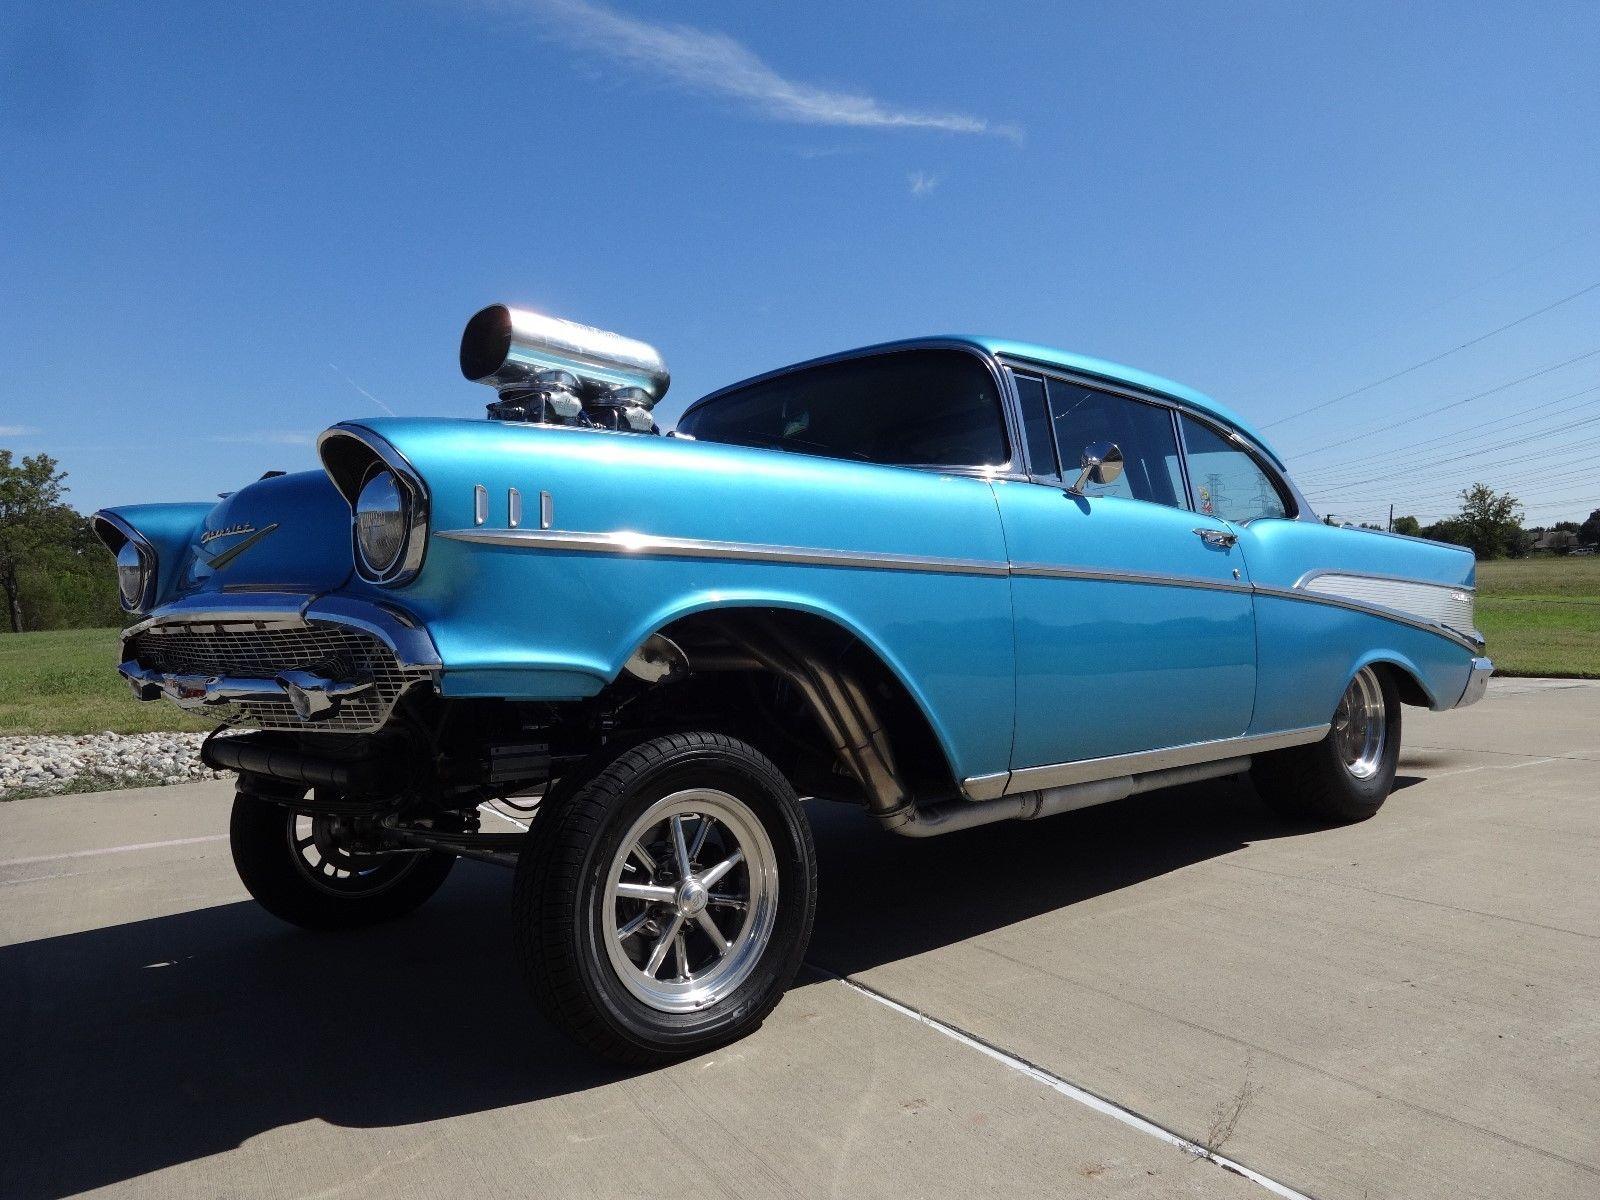 Original Sheet Metal 1957 Chevrolet Bel Air 150 210 Hot Rod Chevrolet Bel Air 1957 Chevrolet Sports Cars Luxury